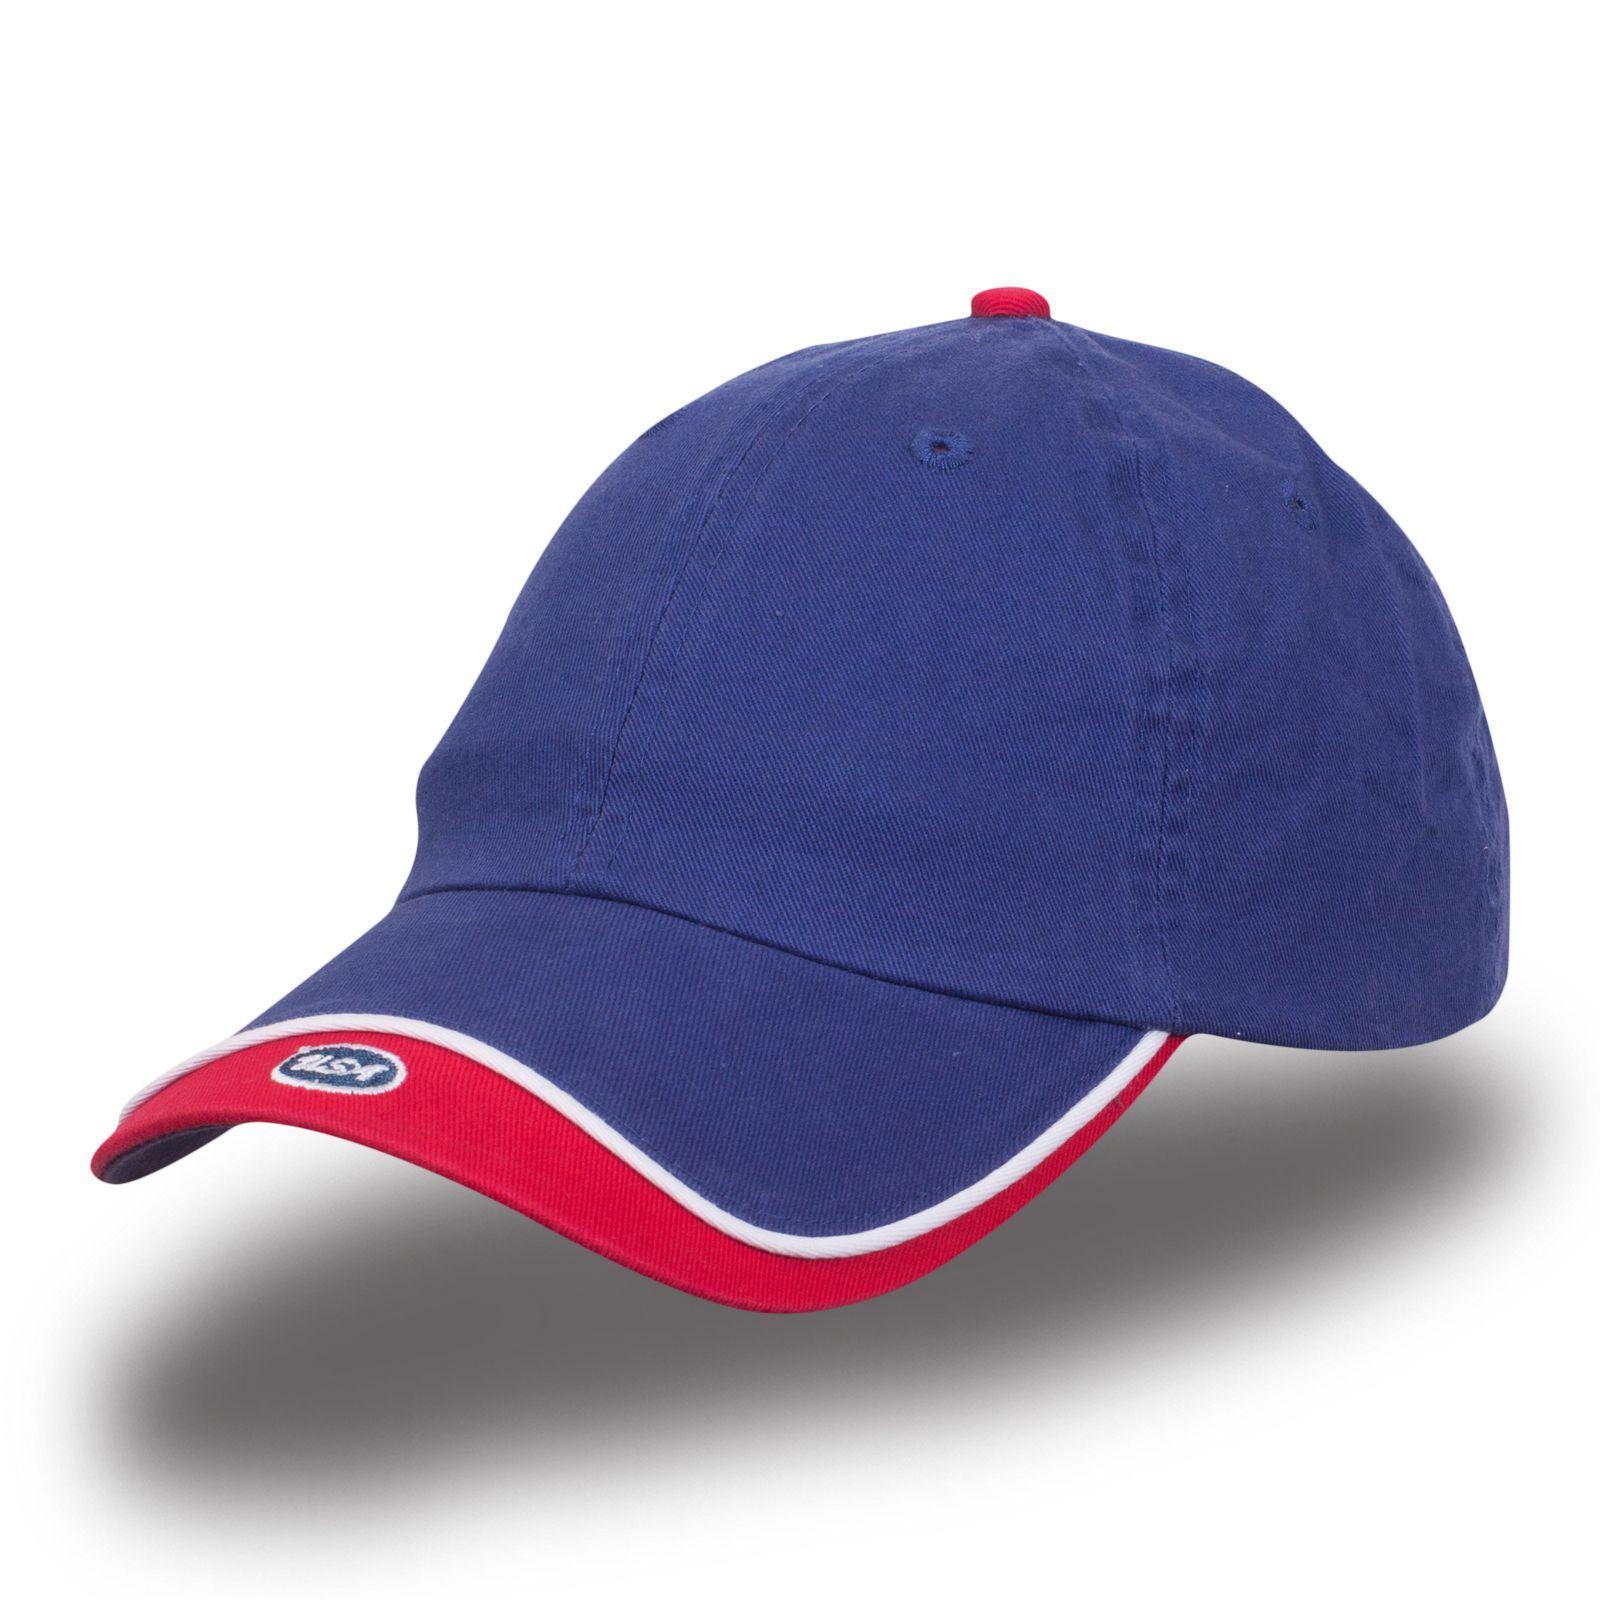 Спортивная бейсболка - купить в интернет-магазине